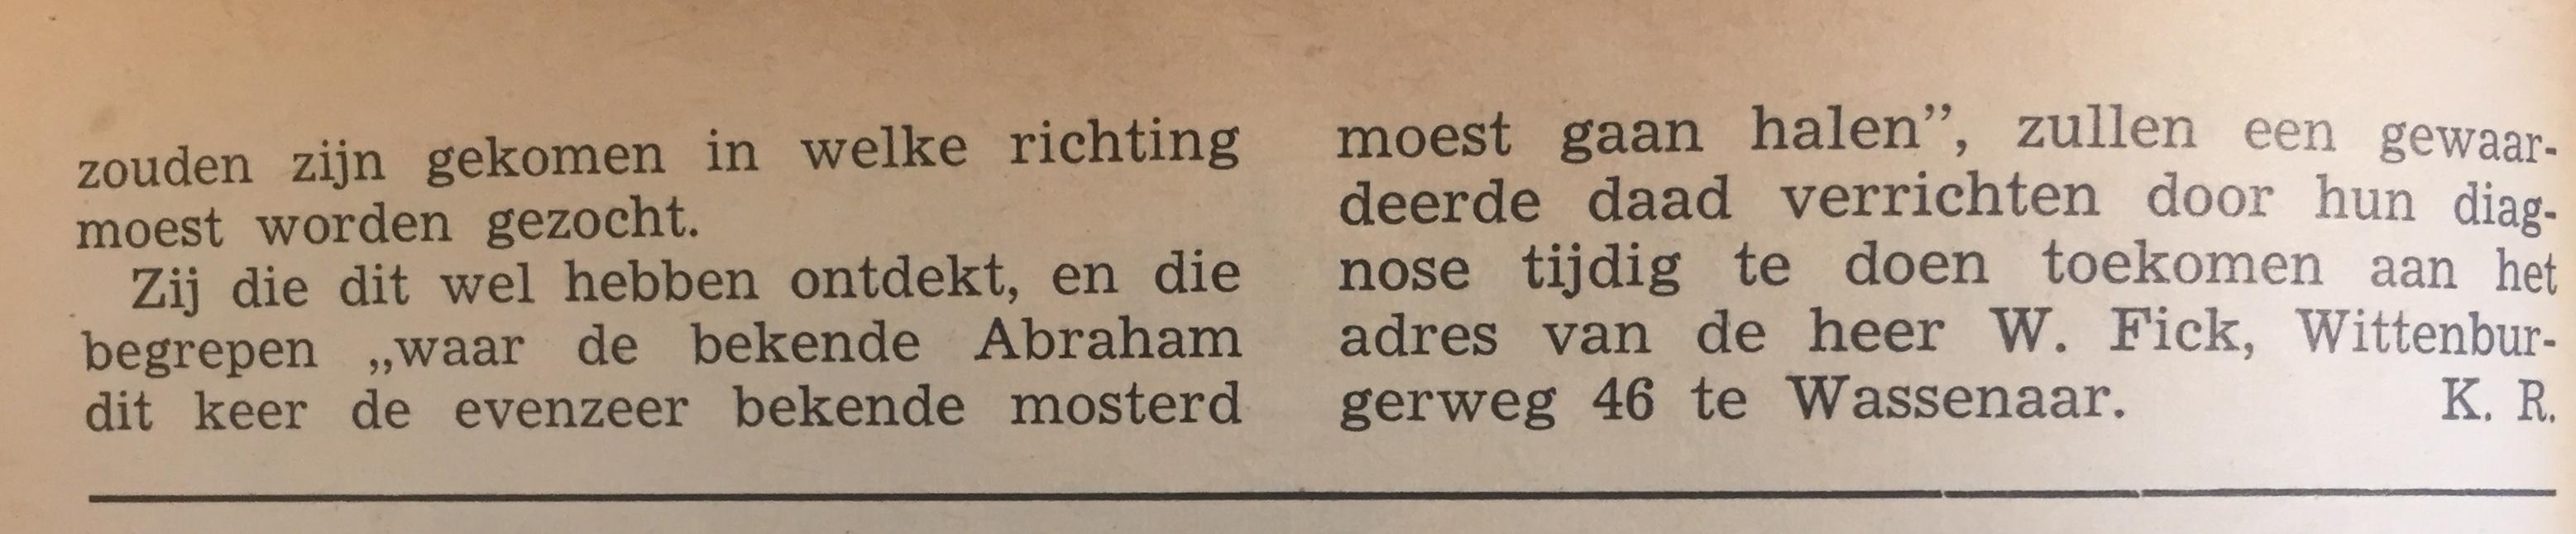 Het lukte de AMT-redacteuren in 1958 net niet om 'Het lek' op één pagina te krijgen.